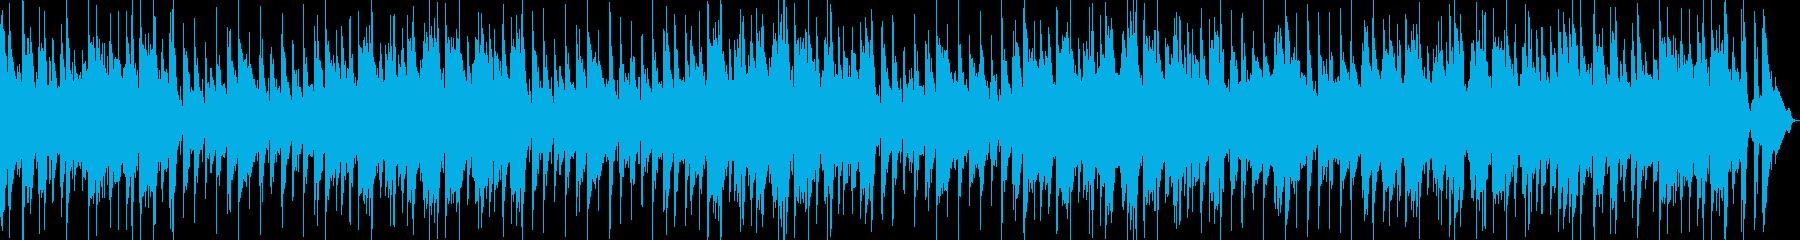 映像や企業VPピアノボサノバストリングスの再生済みの波形